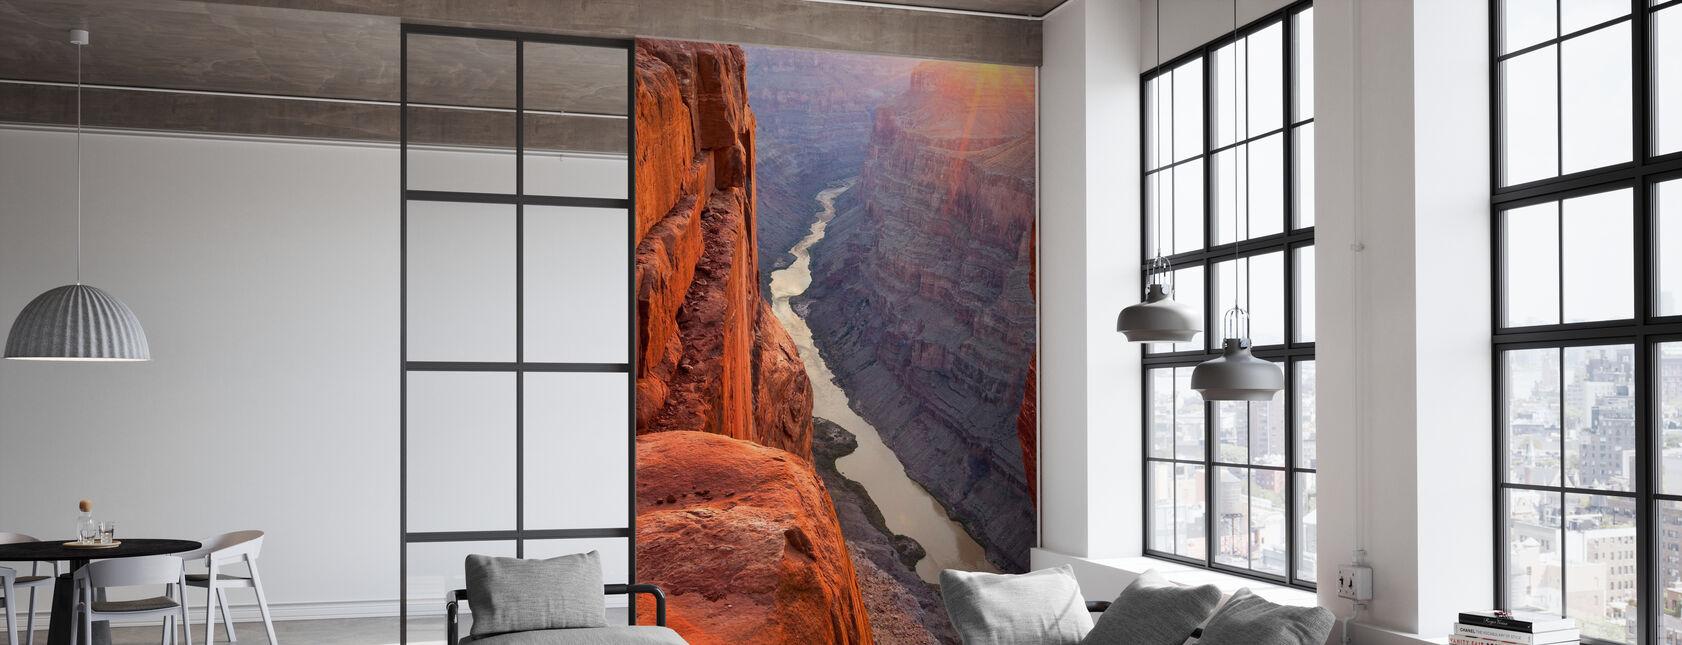 Lever du soleil sur le Grand Canyon, Arizona - Papier peint - Bureau